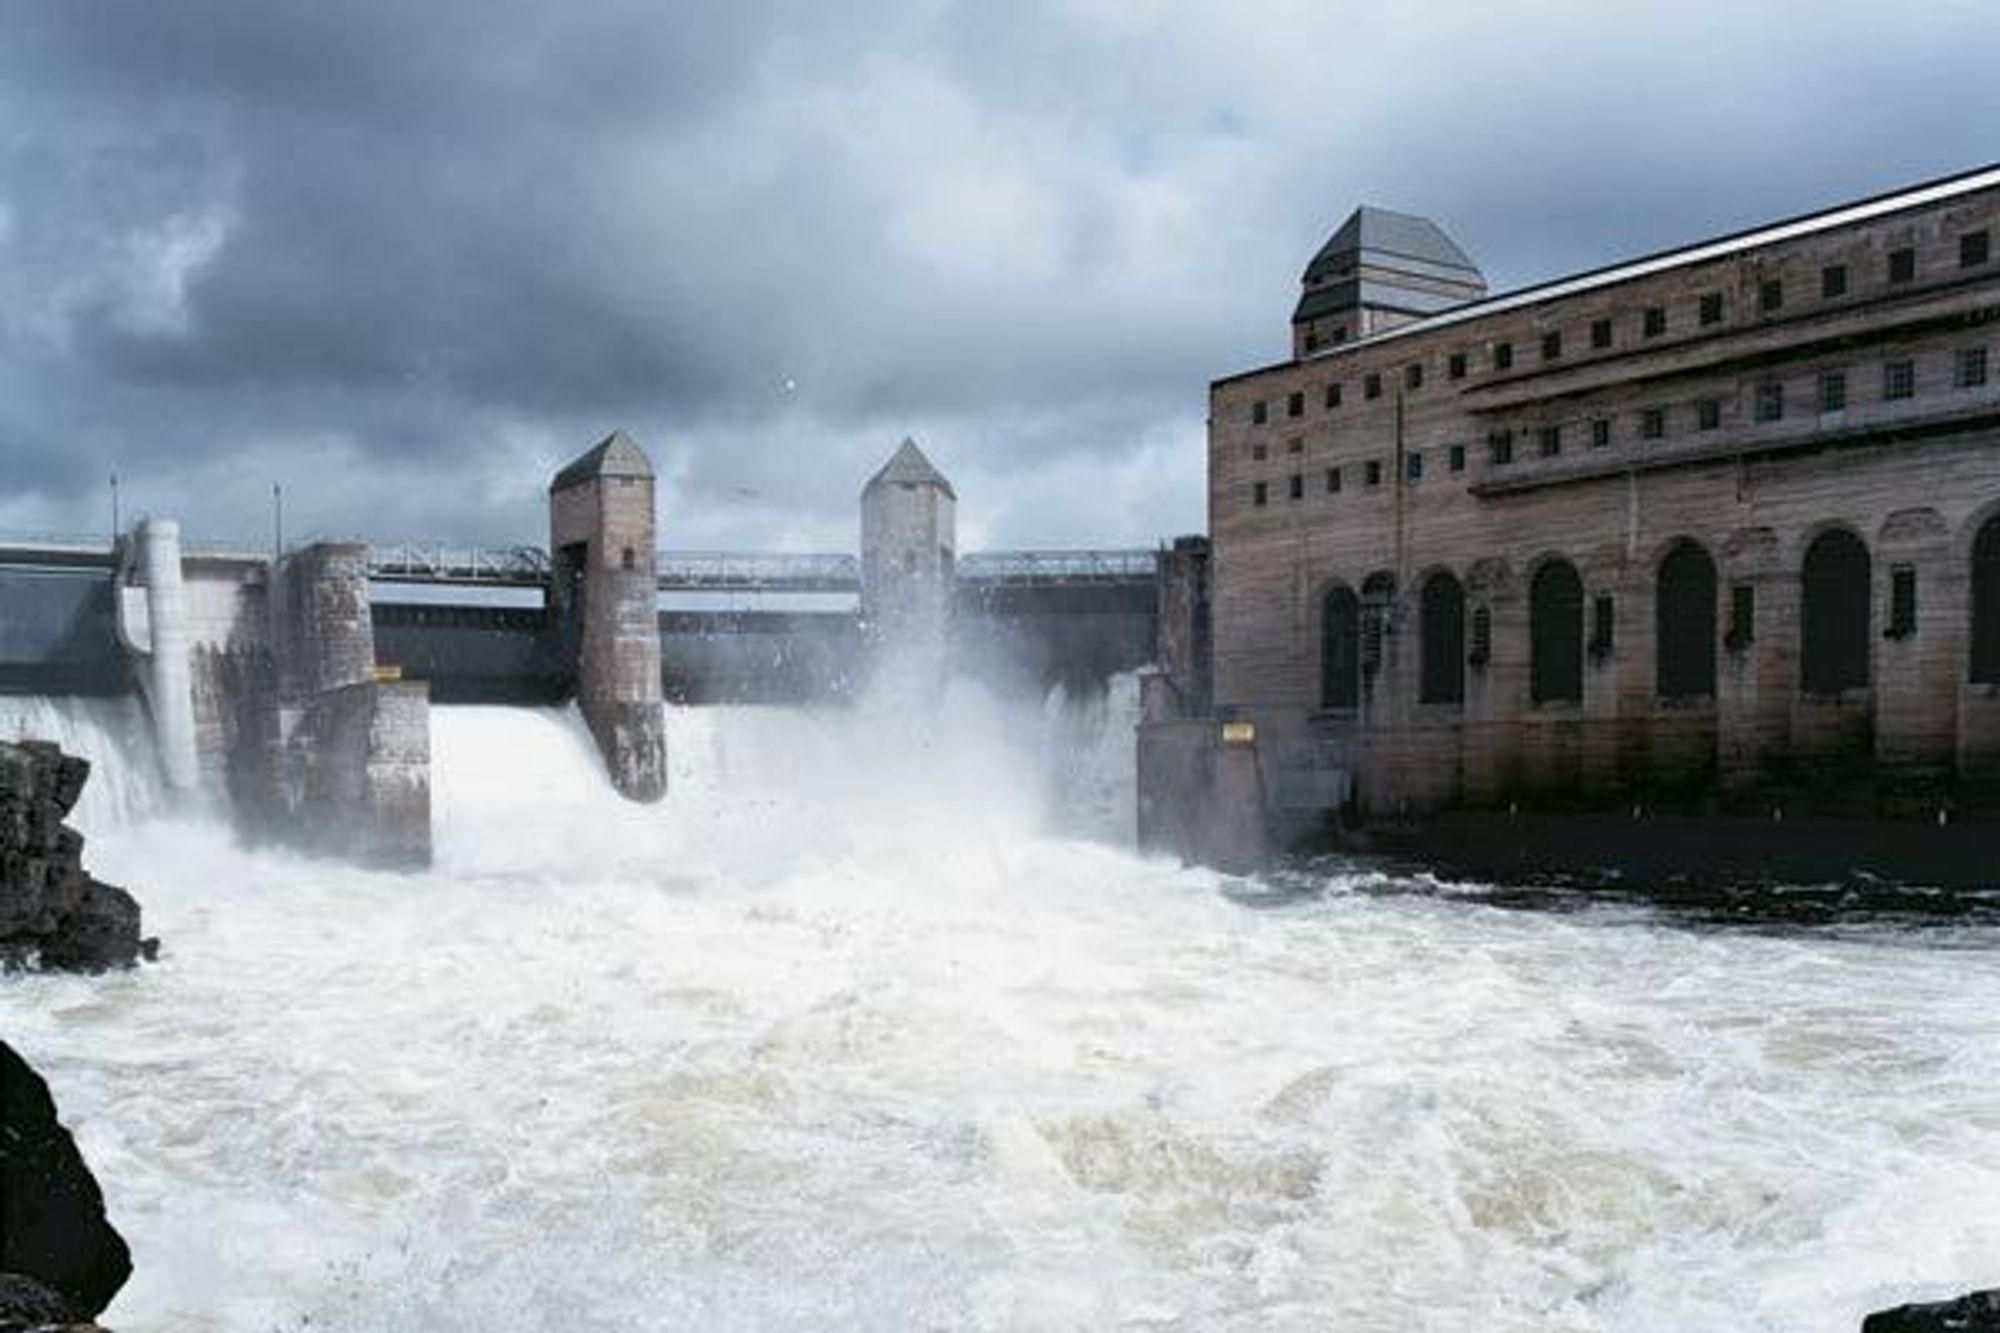 Aldri er det blitt produsert mer strøm i Norge enn i dag tidlig. (Foto: Eco)